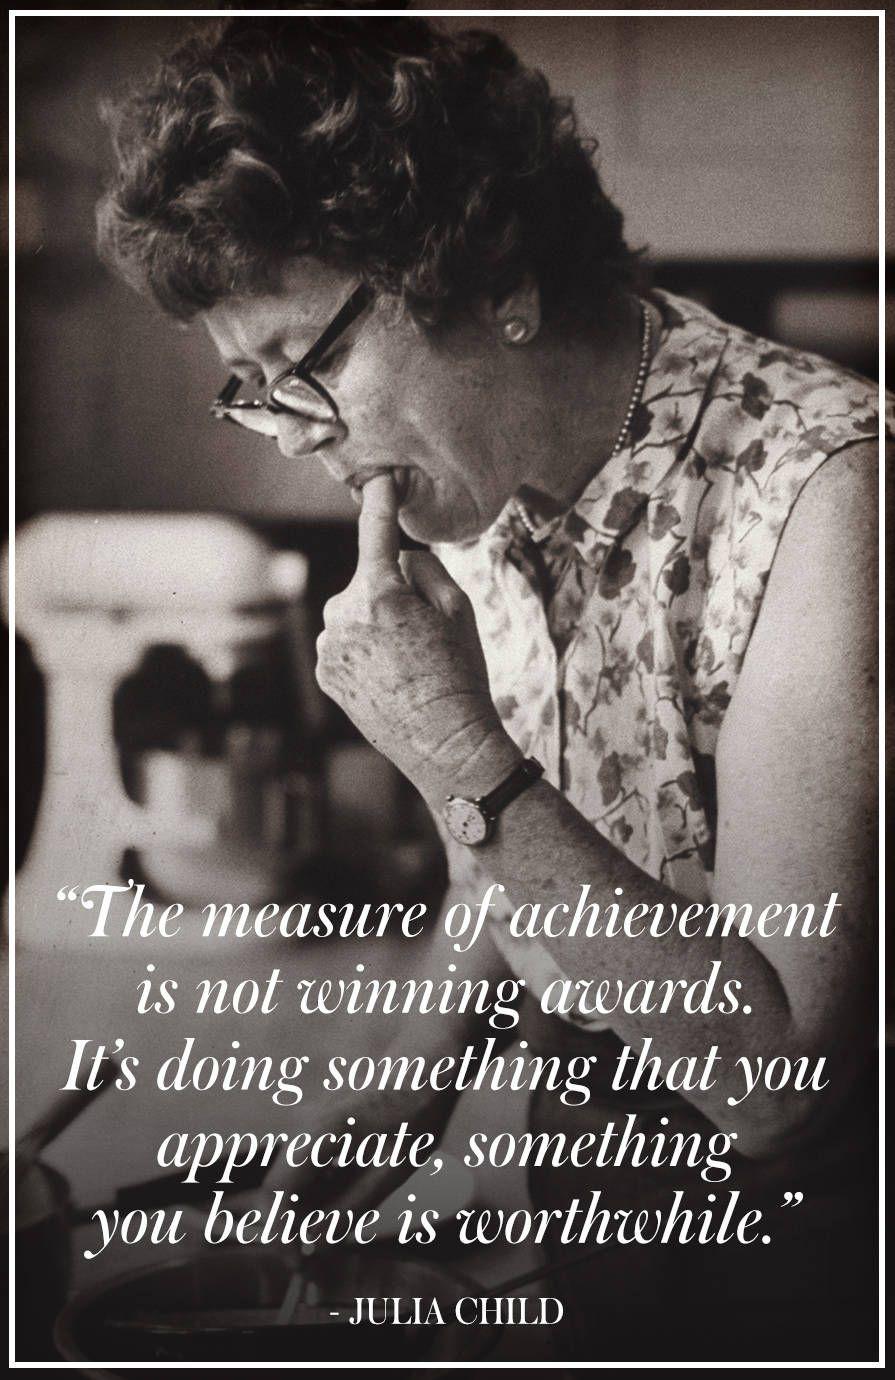 The Best Julia Child Quotes | Julia child quotes, Julia child, Baking quotes